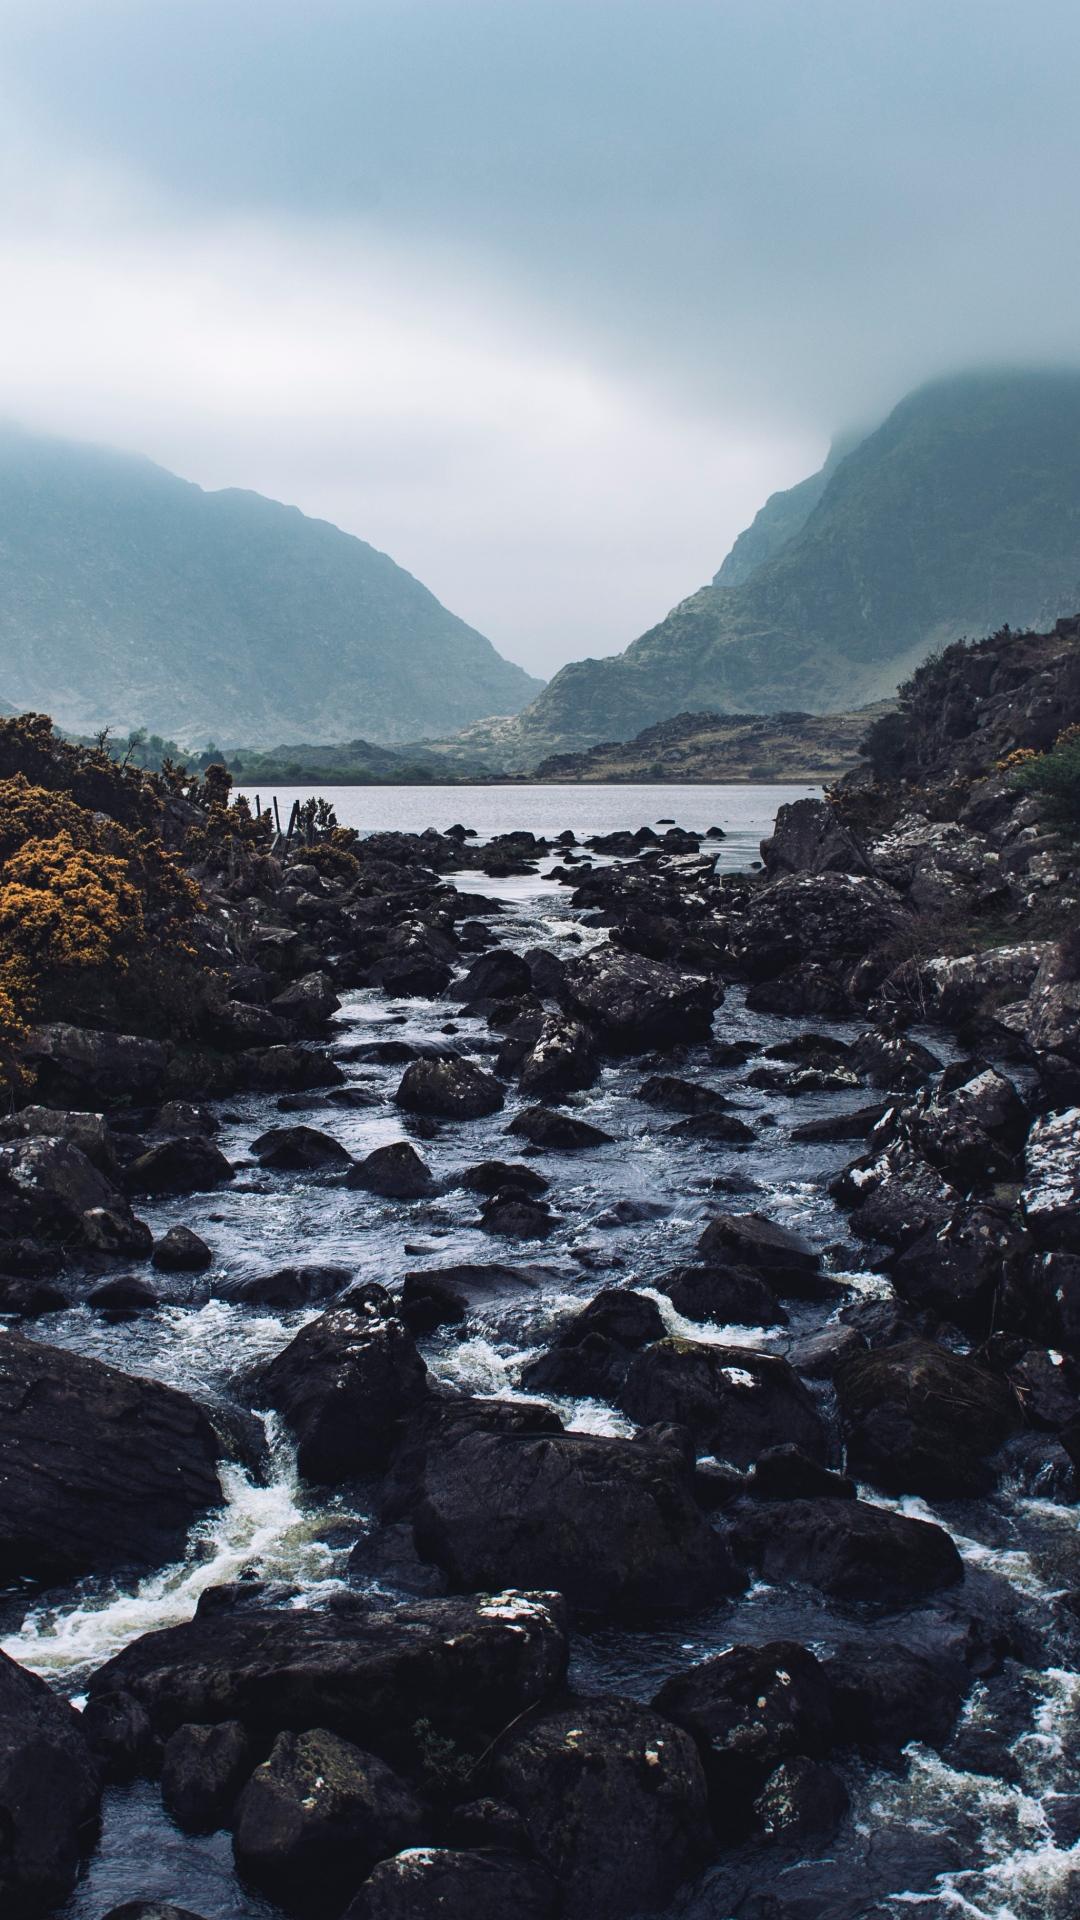 river stones stream 117120 1080x1920 3Wallpapers : notre sélection de fonds décran du 14/09/2017